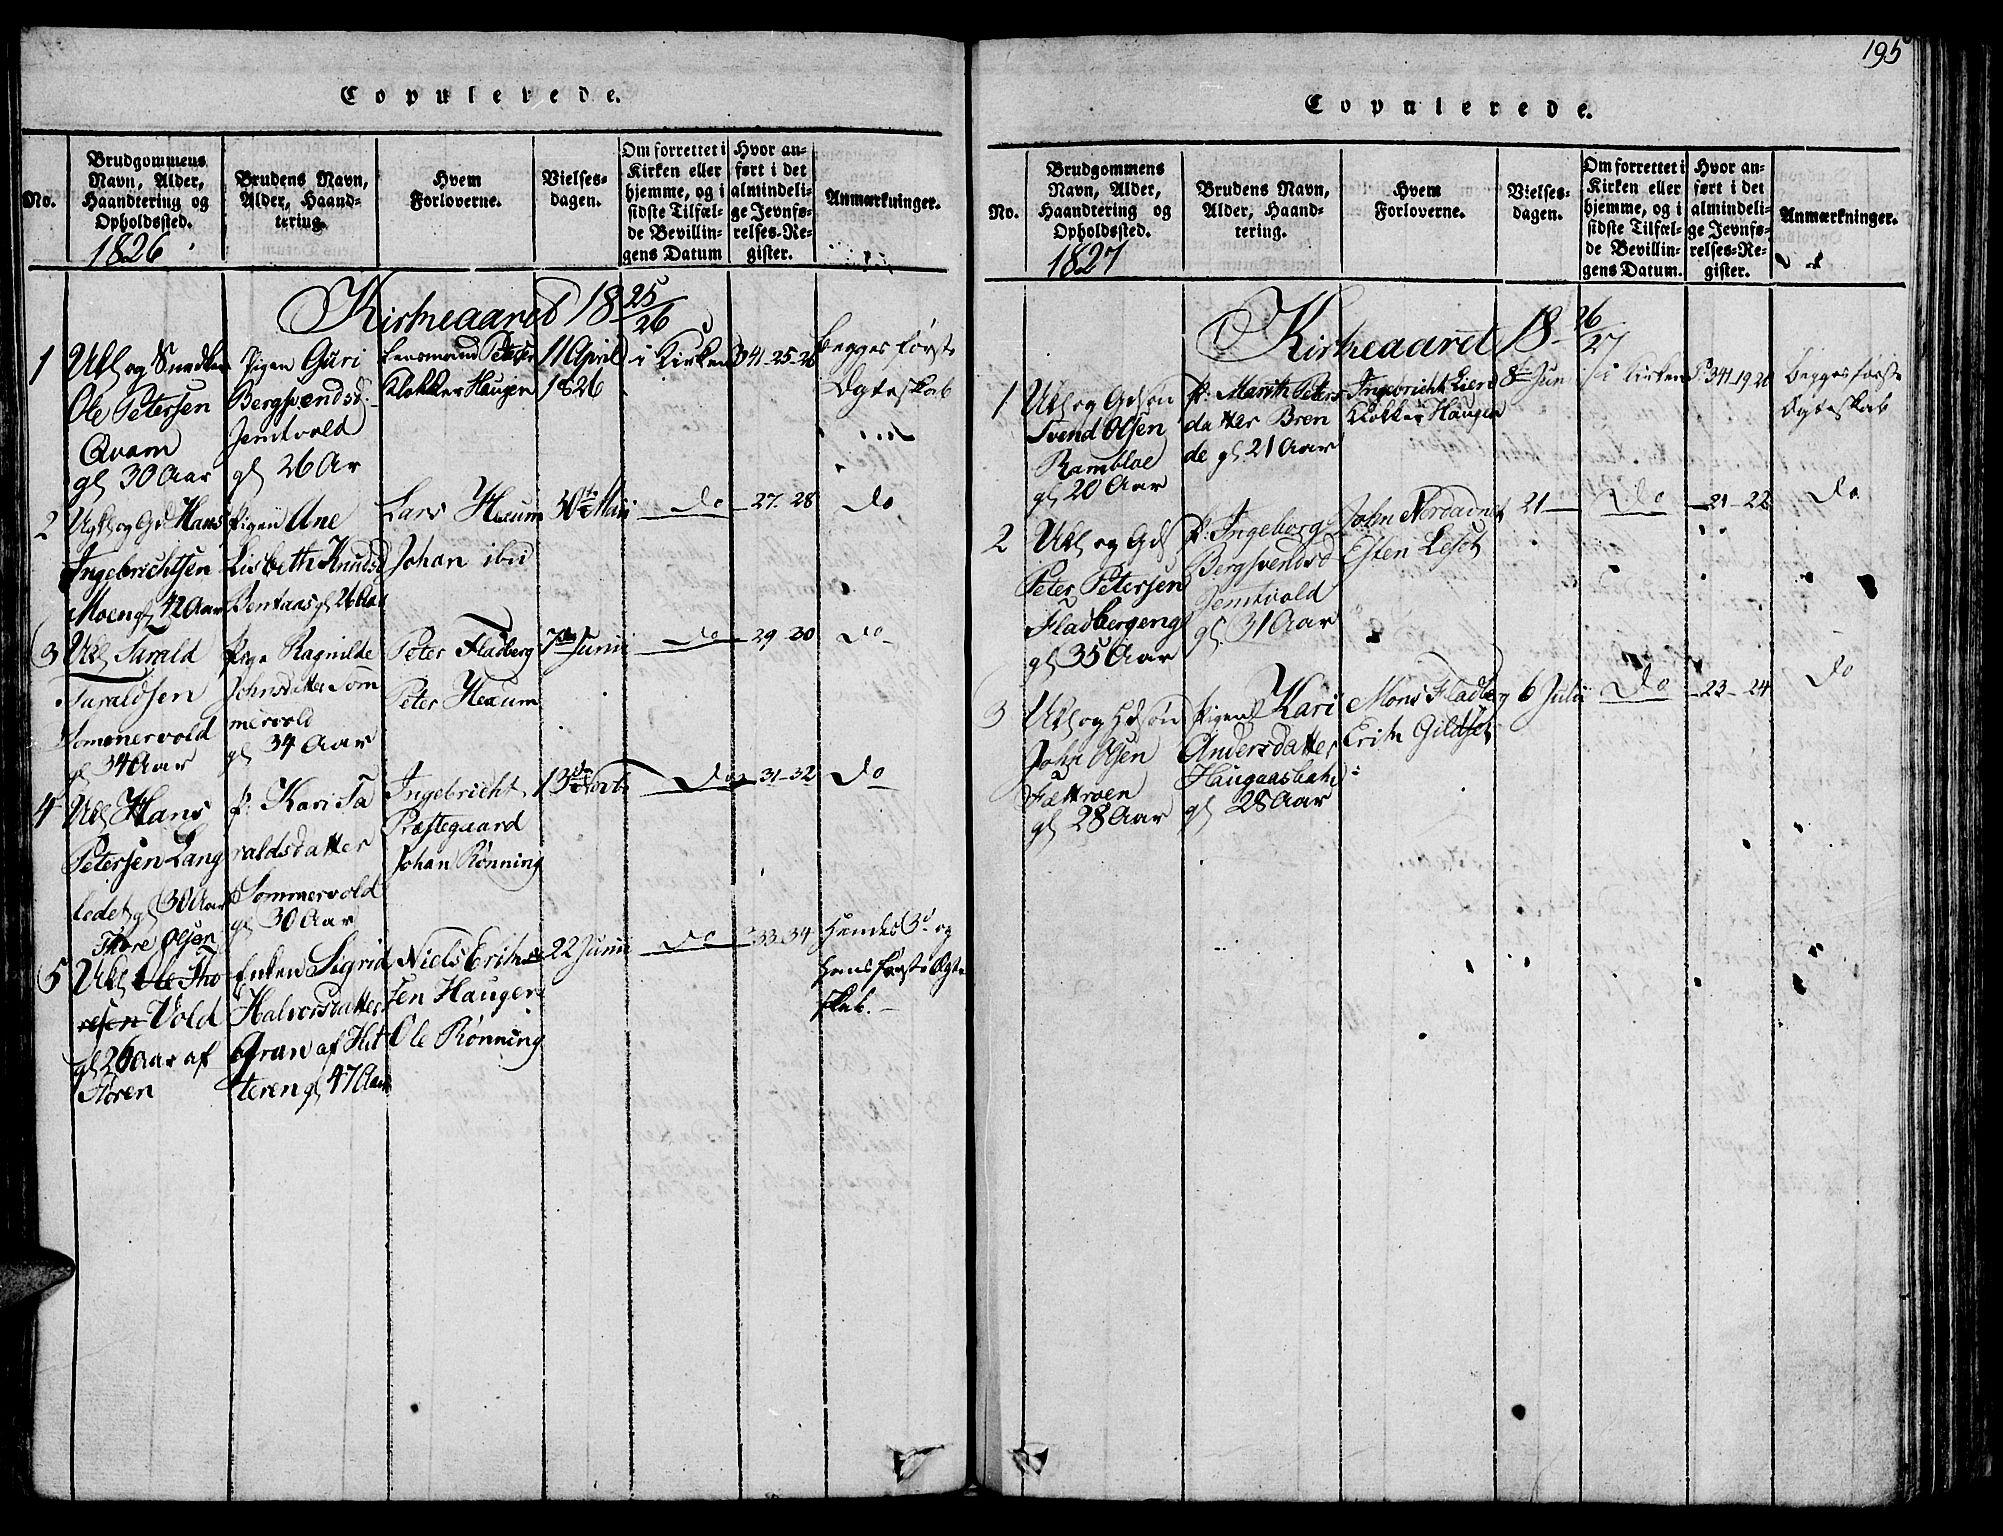 SAT, Ministerialprotokoller, klokkerbøker og fødselsregistre - Sør-Trøndelag, 685/L0954: Ministerialbok nr. 685A03 /1, 1817-1829, s. 195